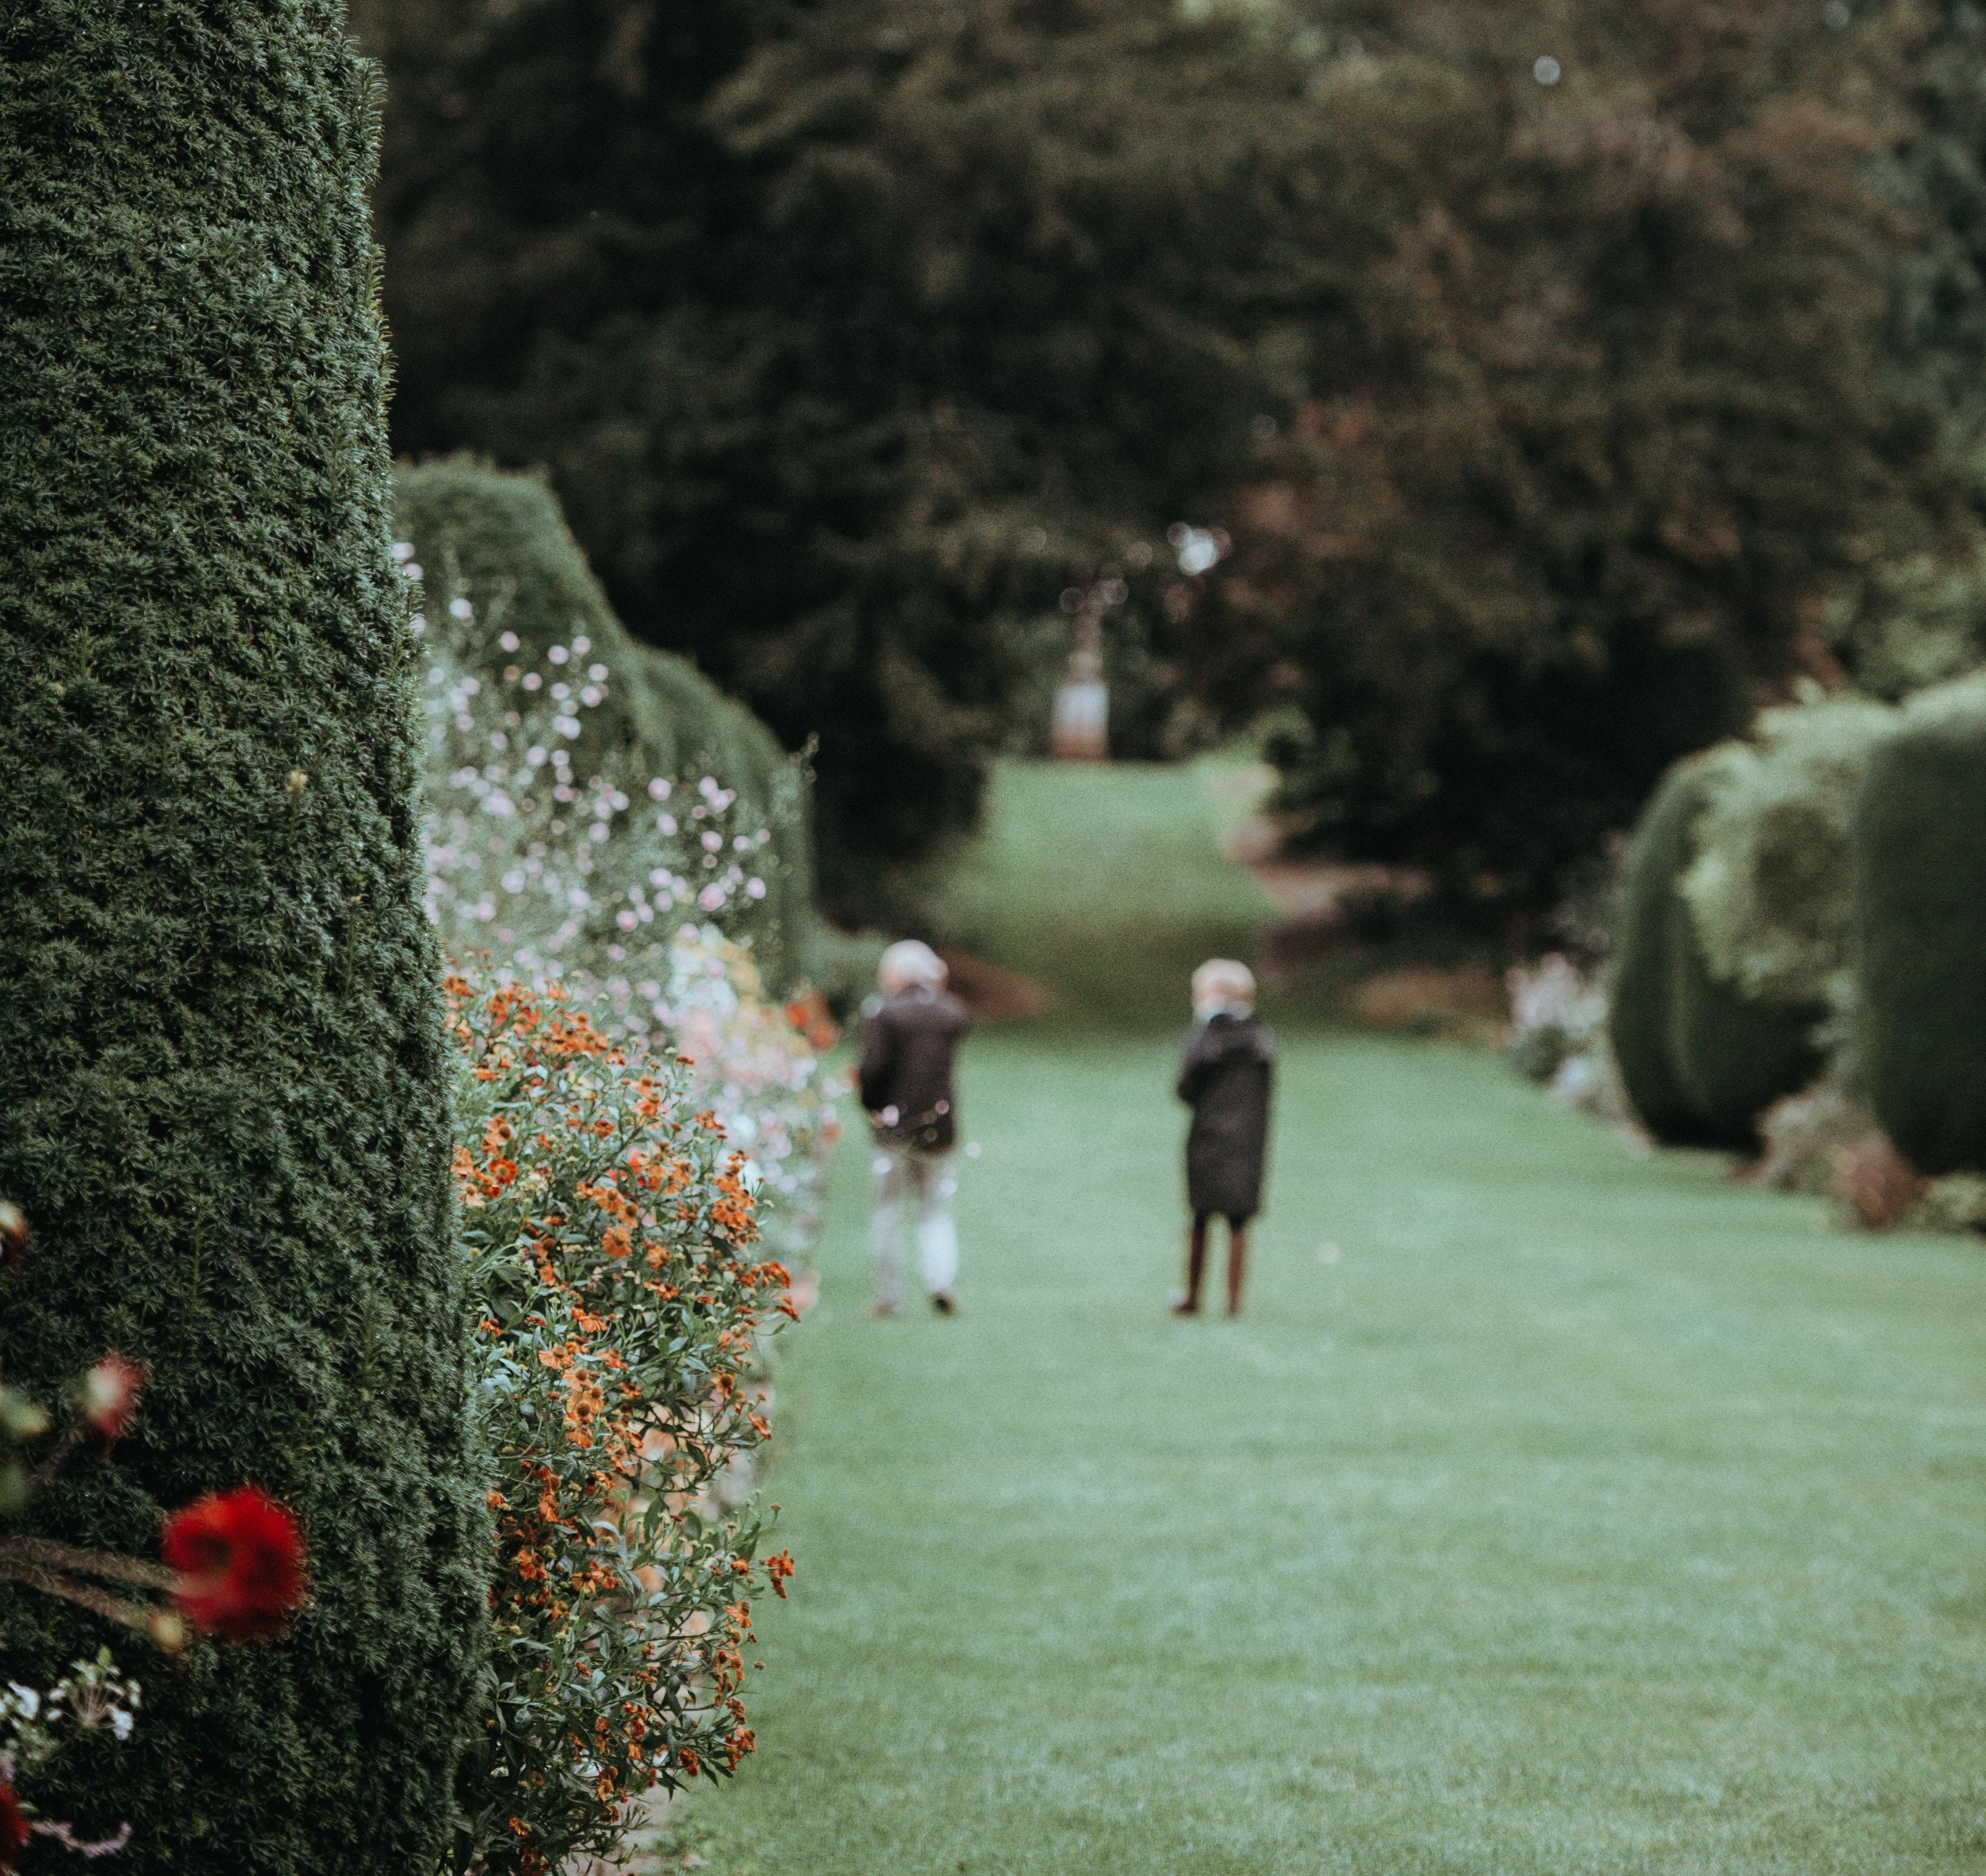 Jalan-jalan di taman yang hijau bisa membuat pikiran kita lebih fresh lho (dok. Unsplash)